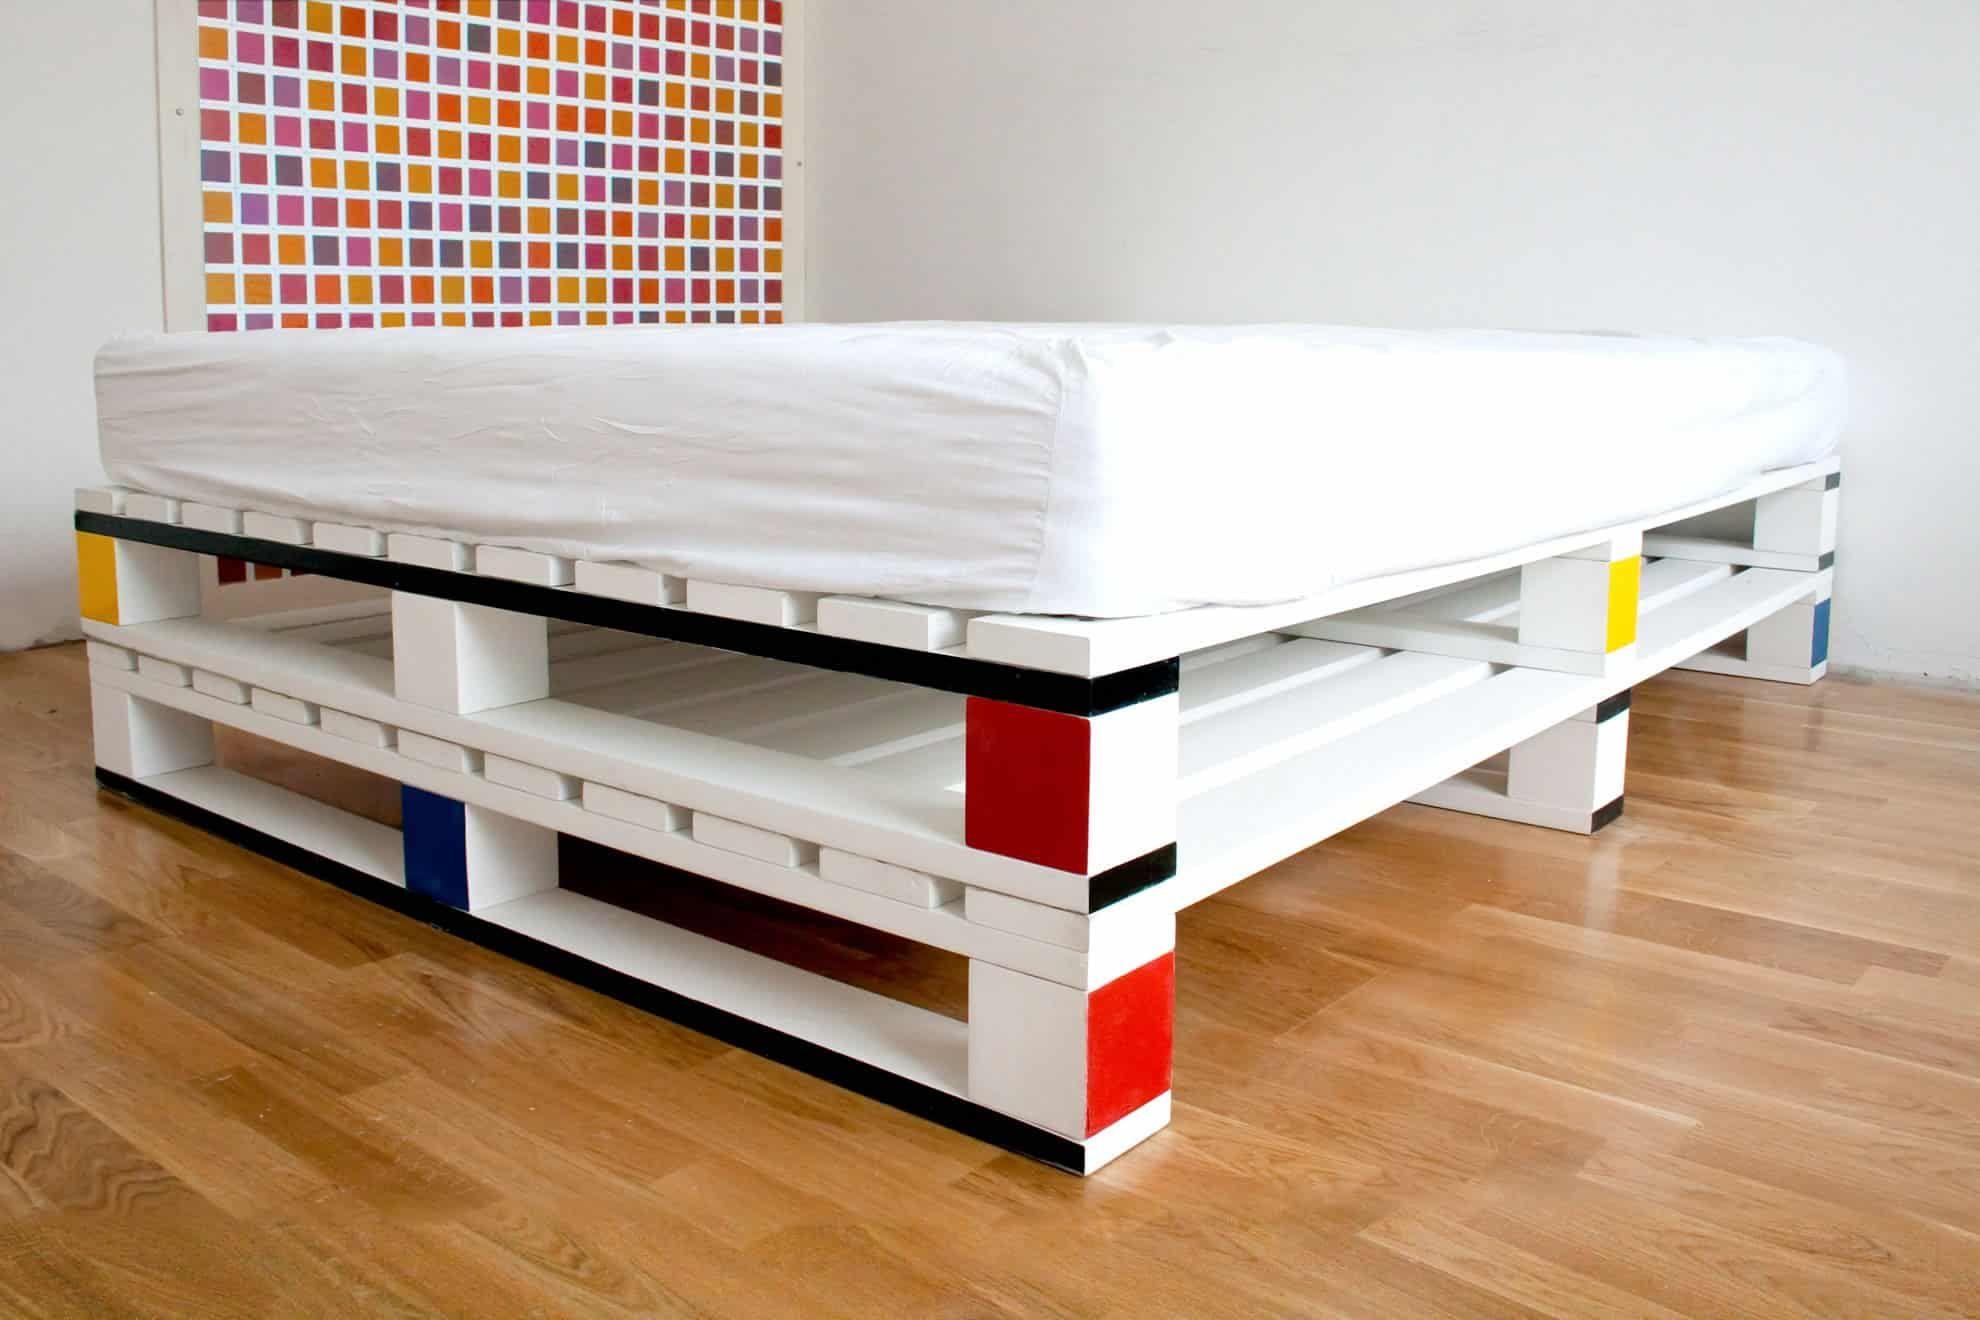 12 camas hechas con palets que te encantaría tener | Camas modernas ...